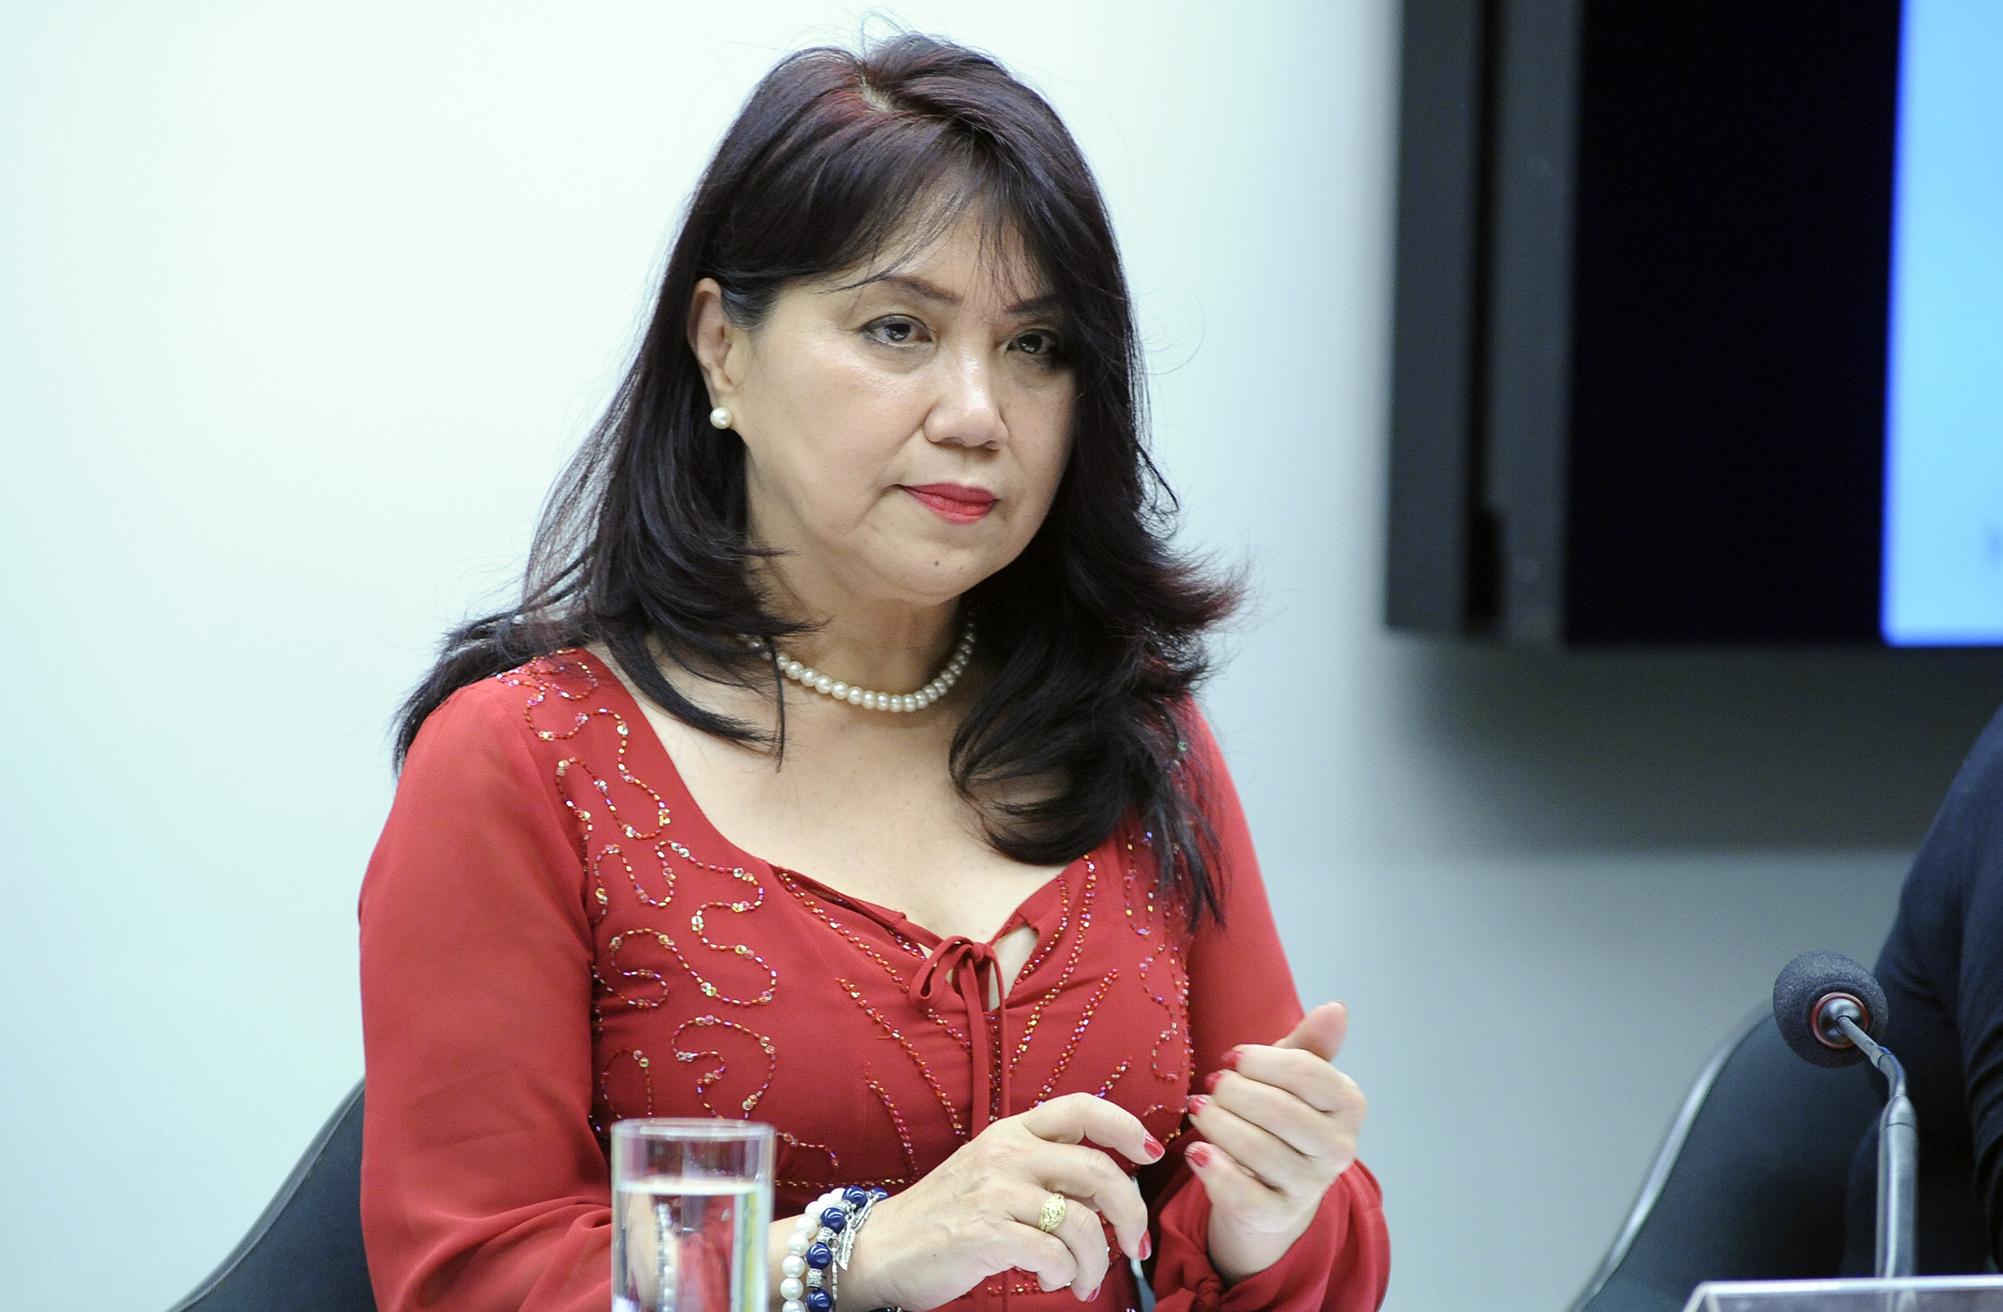 Audiência pública sobre a proposta de Lei de Responsabilidade Educacional constante do parecer do relator. Dep. Keiko Ota (PSB-SP)